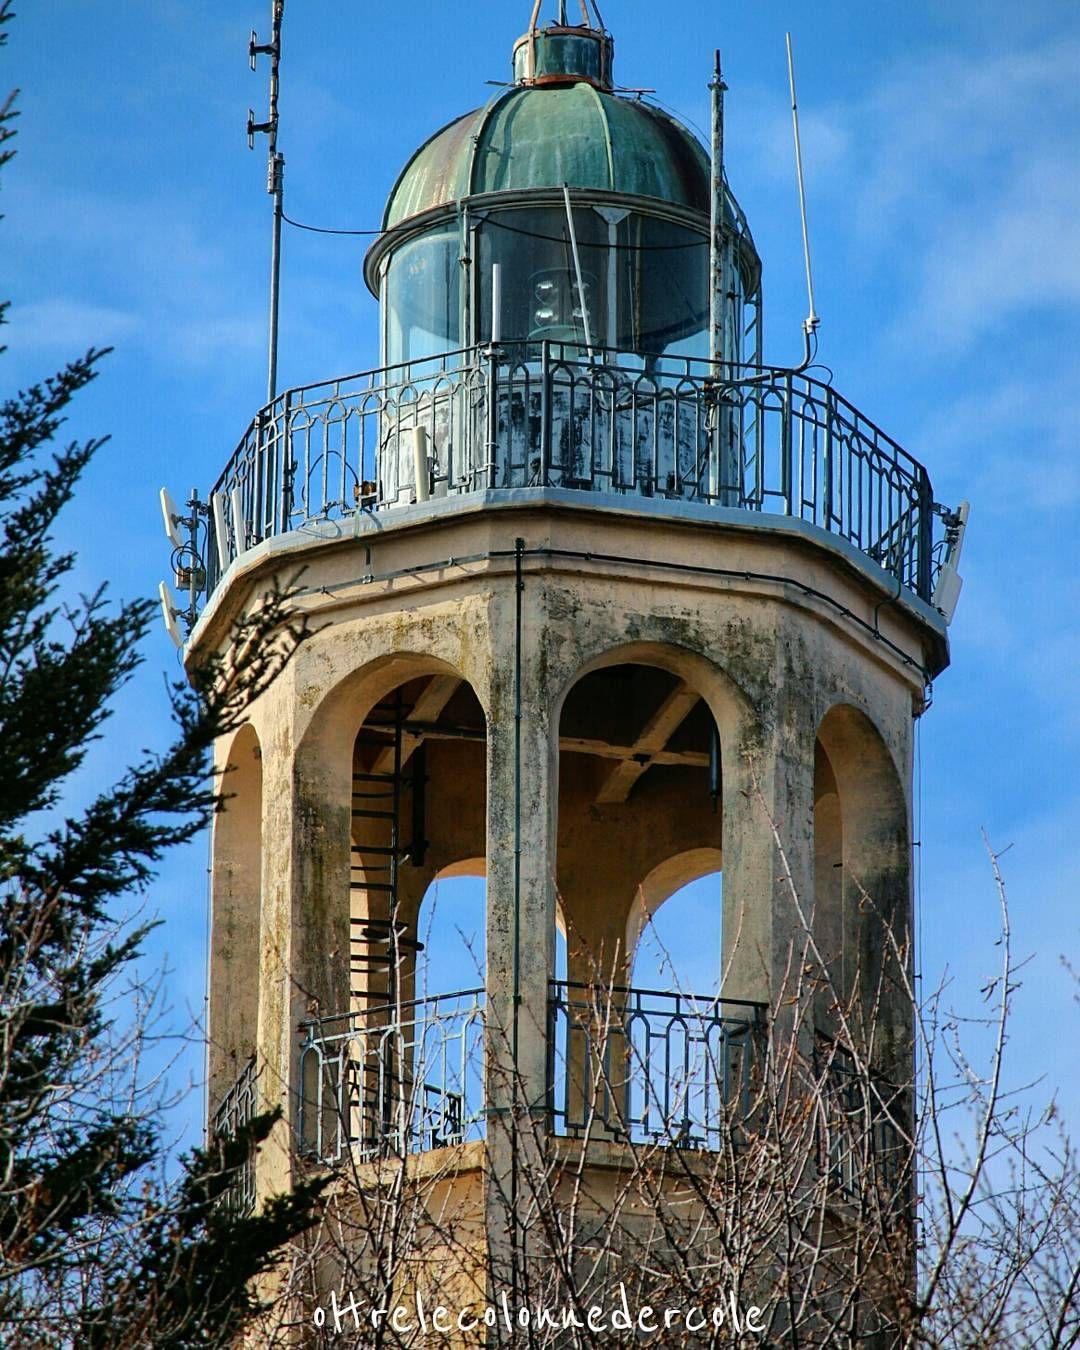 «Il Faro Voltiano: è una torre ottagonale alta 29 metri eretta nel1927sulla vetta del Monte Tre Croci in occasione del centenario della morte di…»